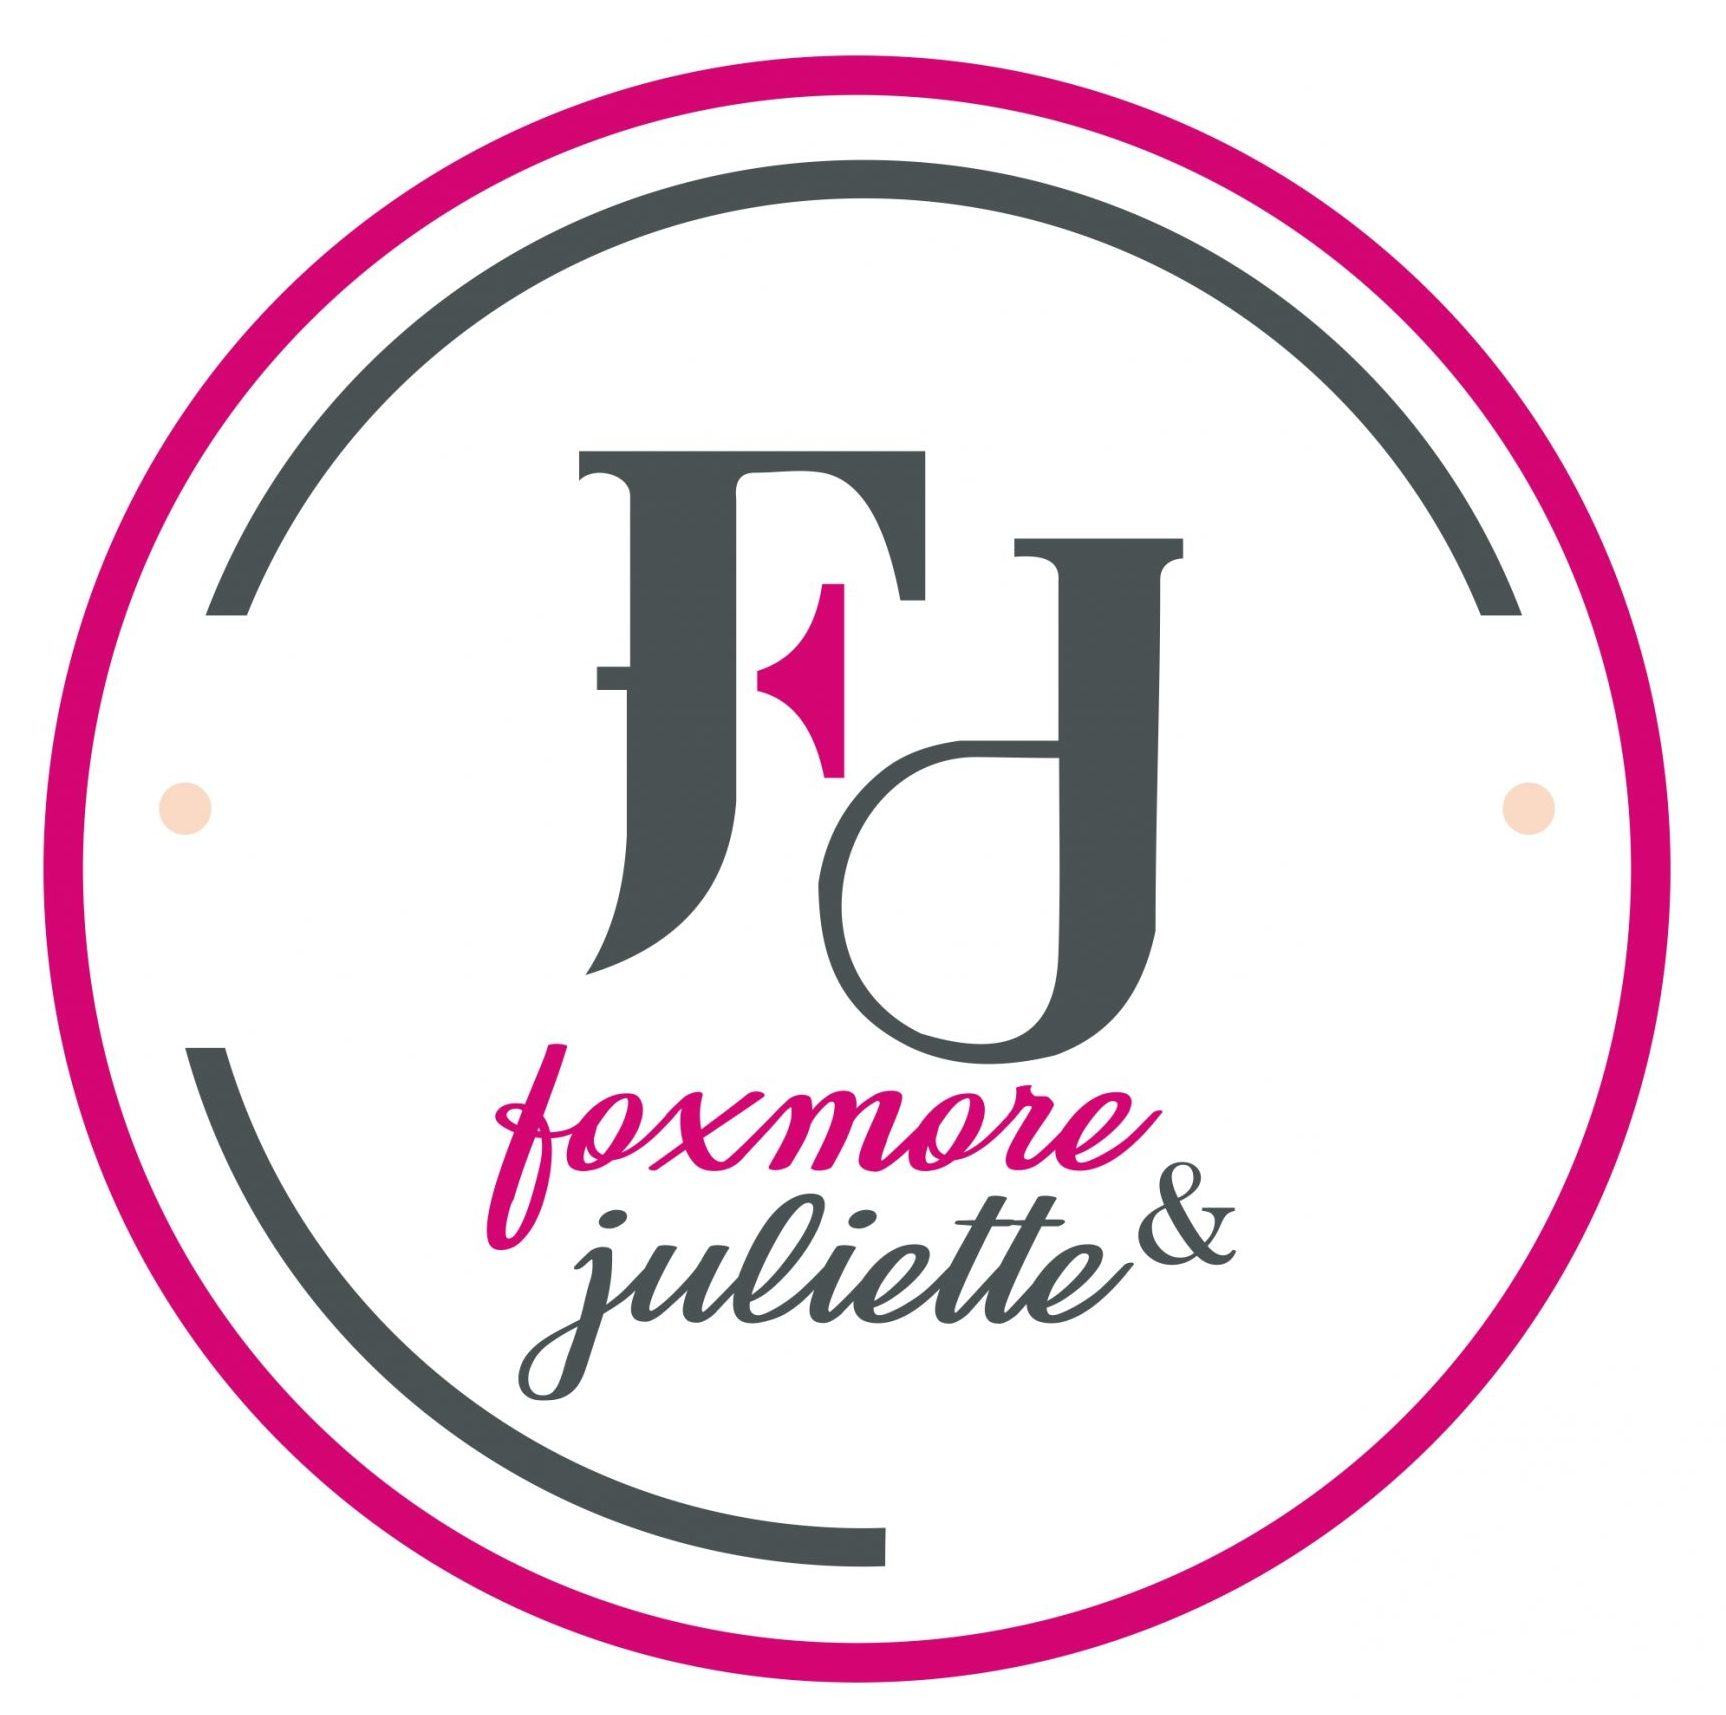 Foxmore & Juliette